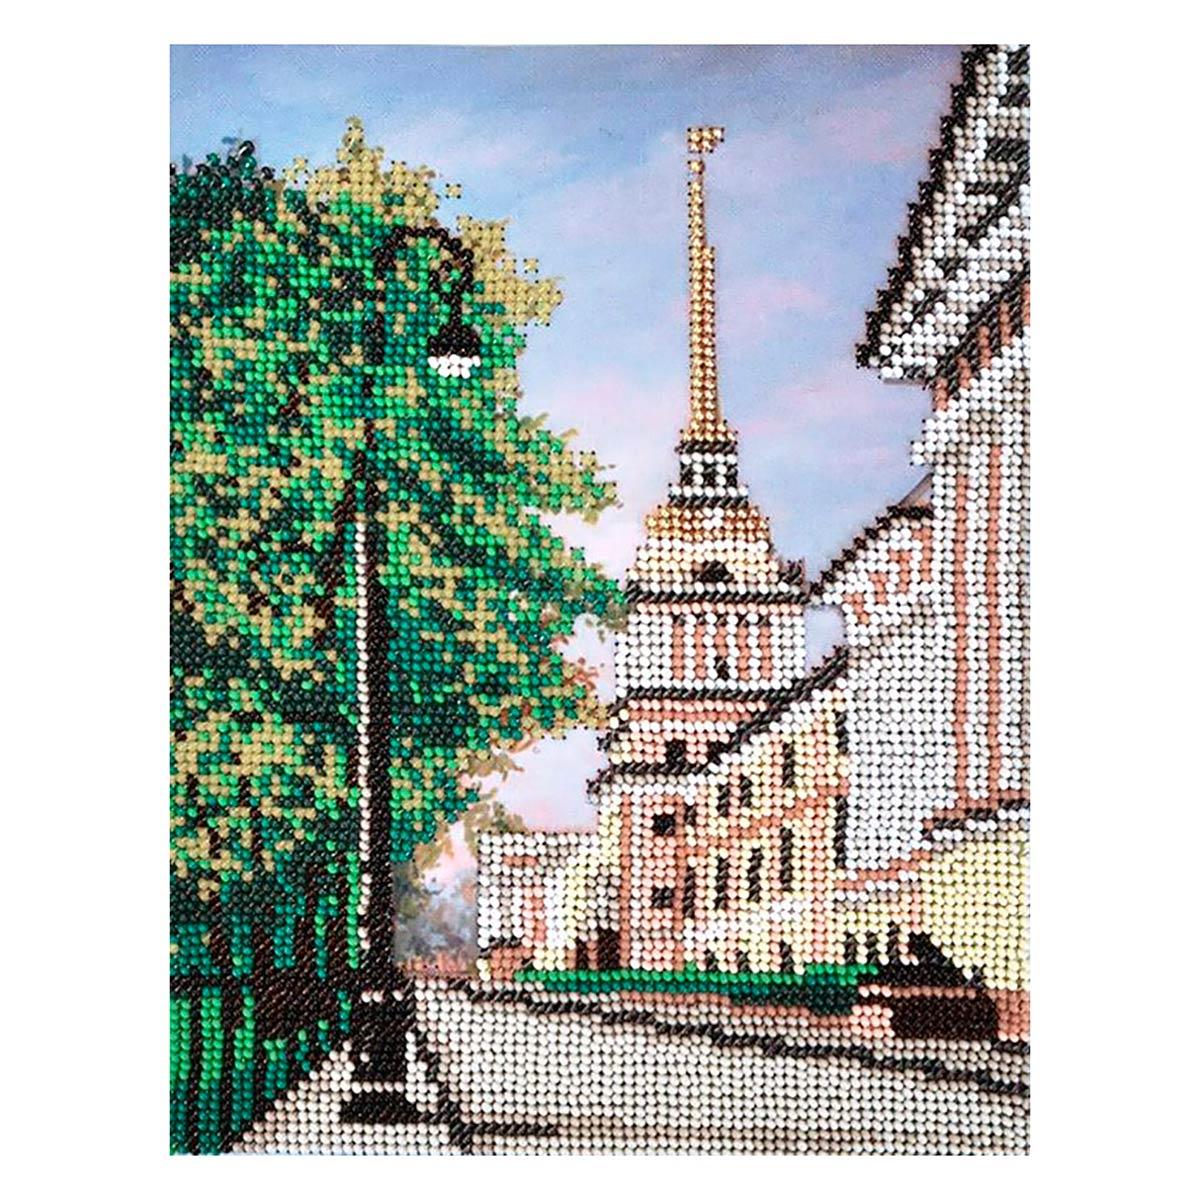 БН-3213 Набор для вышивания бисером Hobby&Pro 'Александровский сад' 17*21,5см